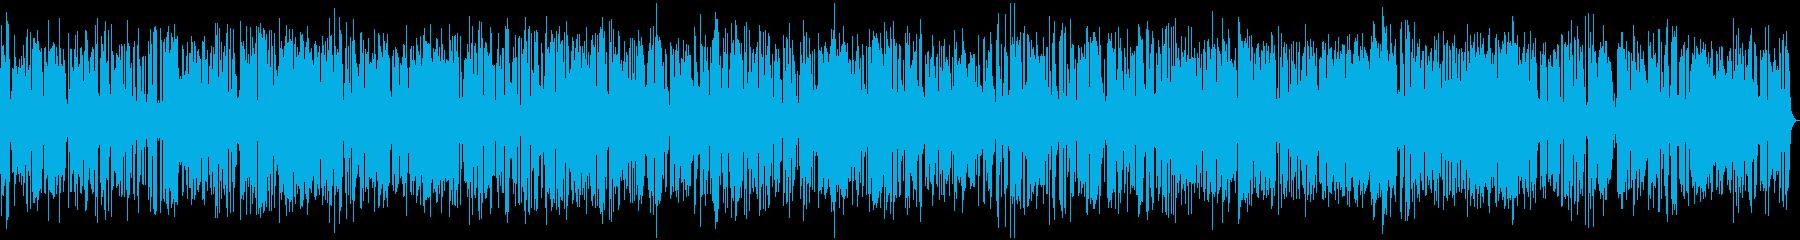 クールなおしゃれジャズピアノトリオ17分の再生済みの波形